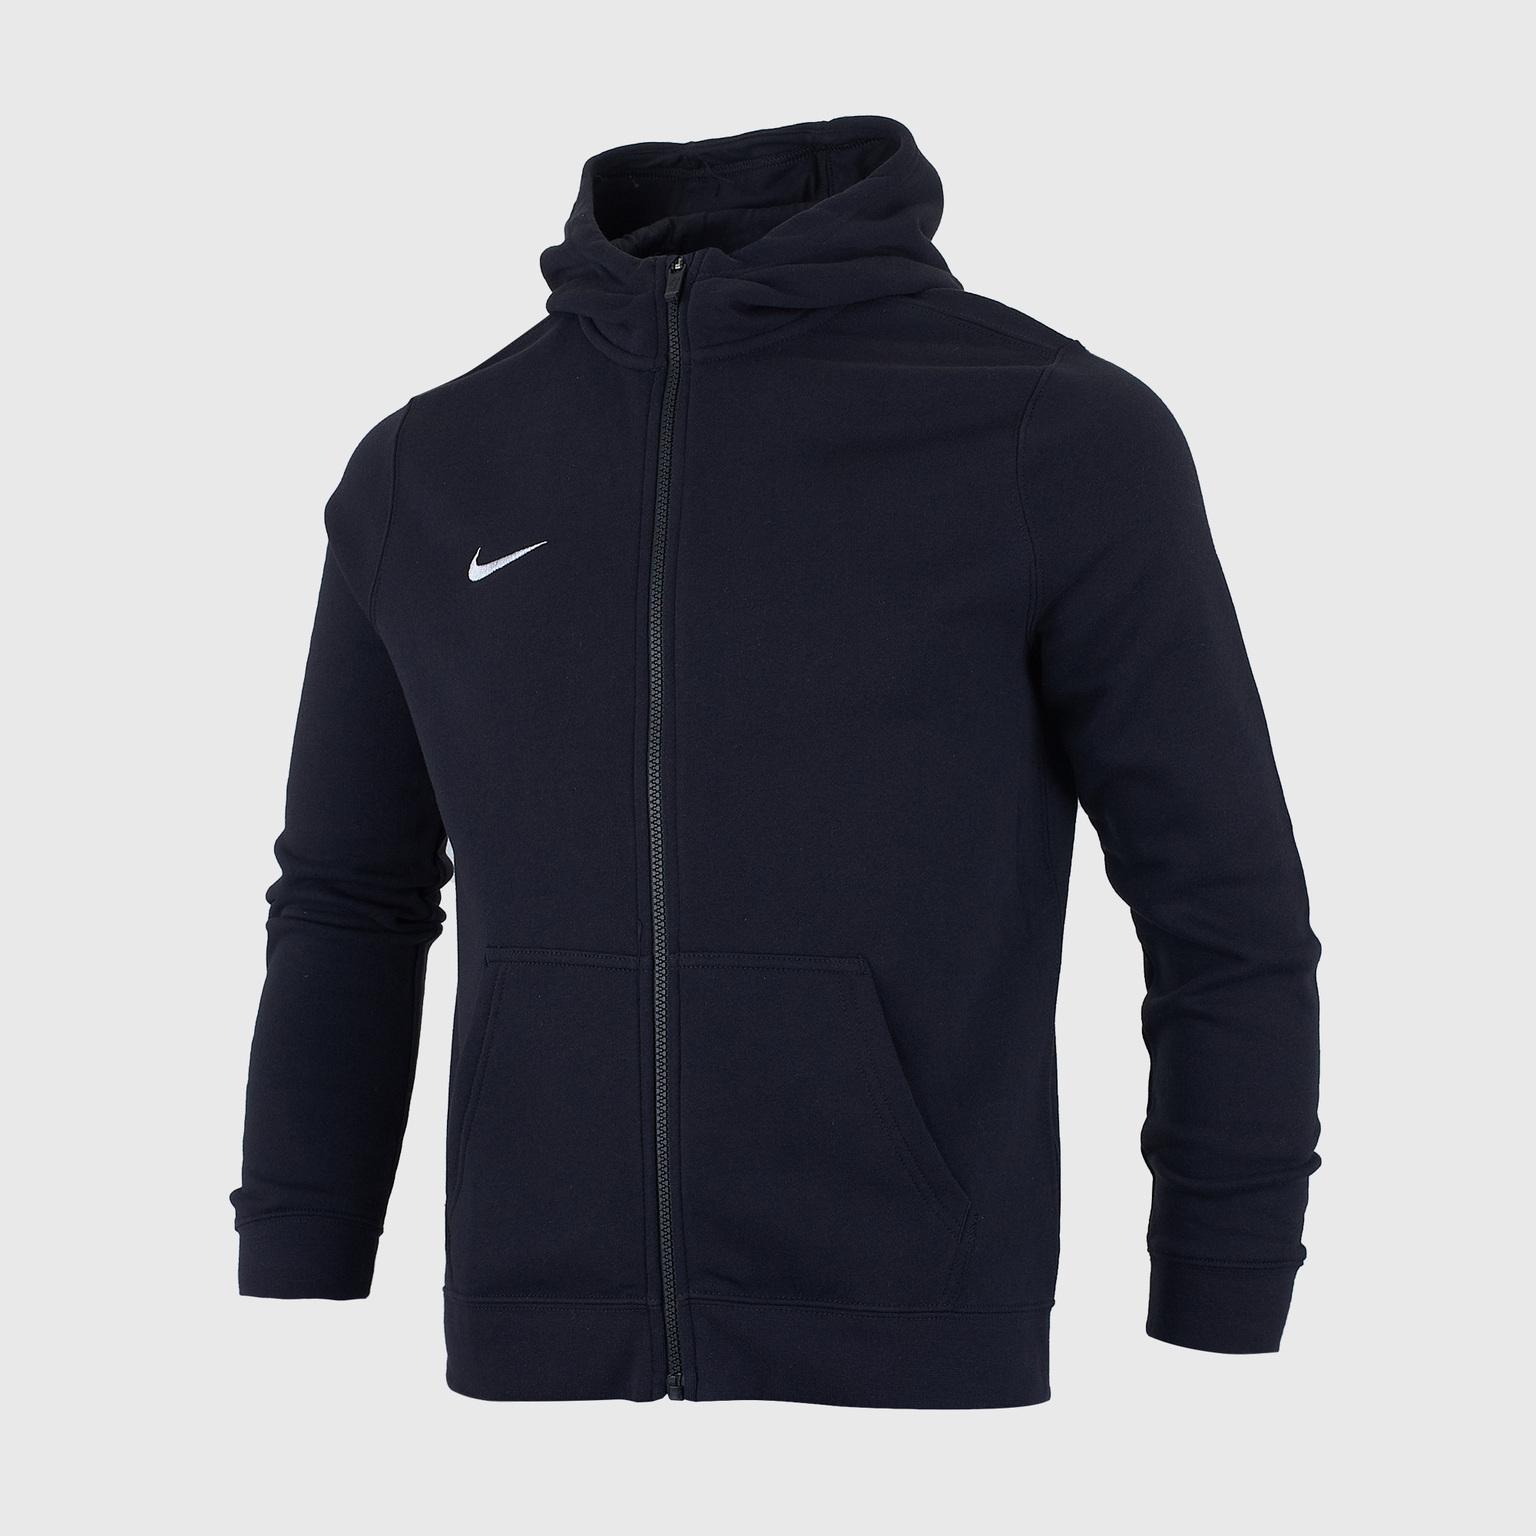 Толстовка подростковая Nike Hoodie FZ FLC Club19 AJ1458-010 толстовка nike nsw club hoodie 804346 010